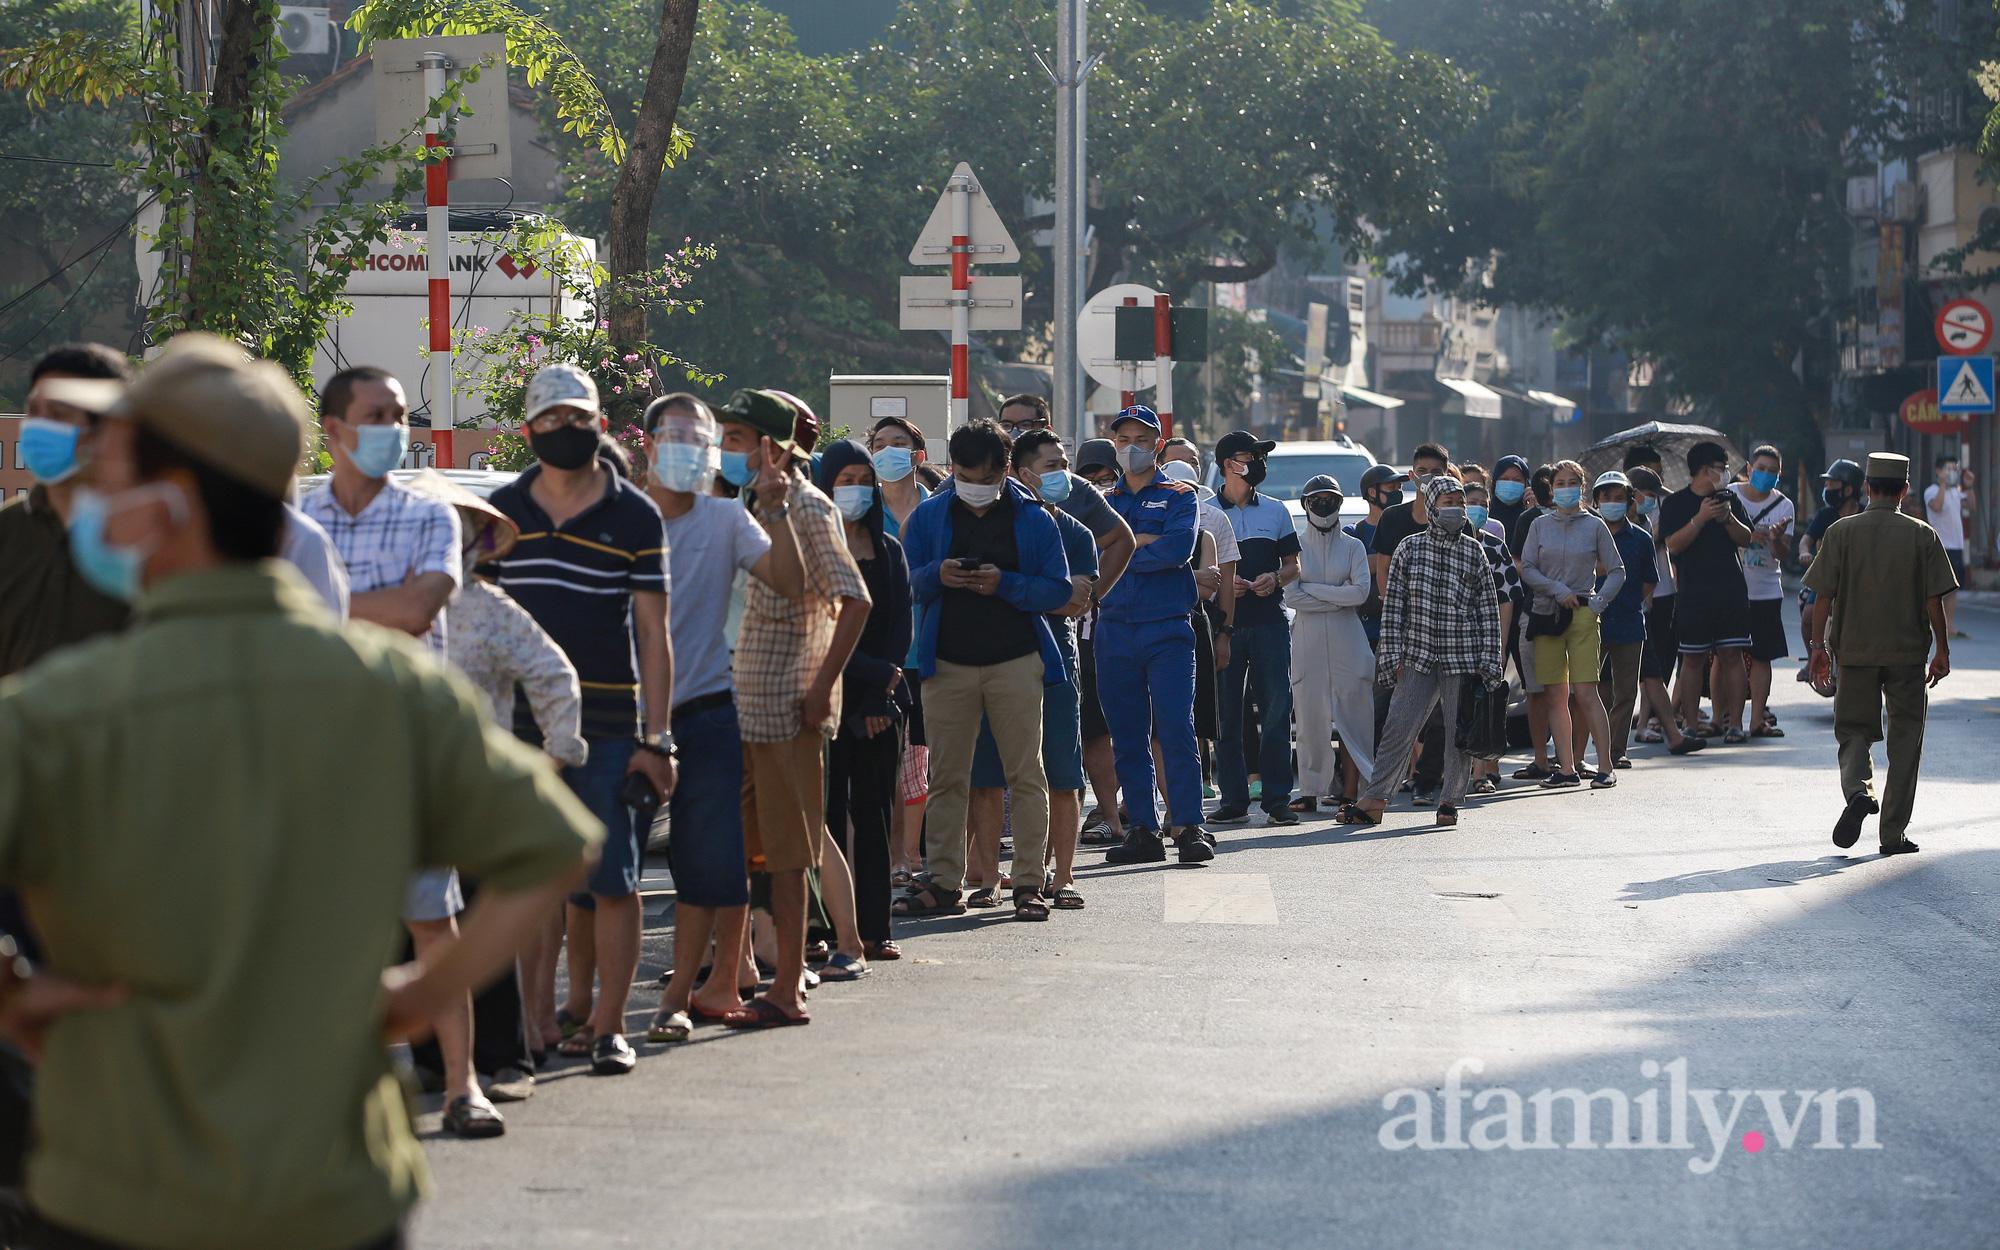 """Hà Nội: Hàng trăm người xếp hàng từ rạng sáng chờ mua bánh Trung thu tại trường tiểu học, lực lượng chức năng """"rát họng"""" yêu cầu giãn cách"""